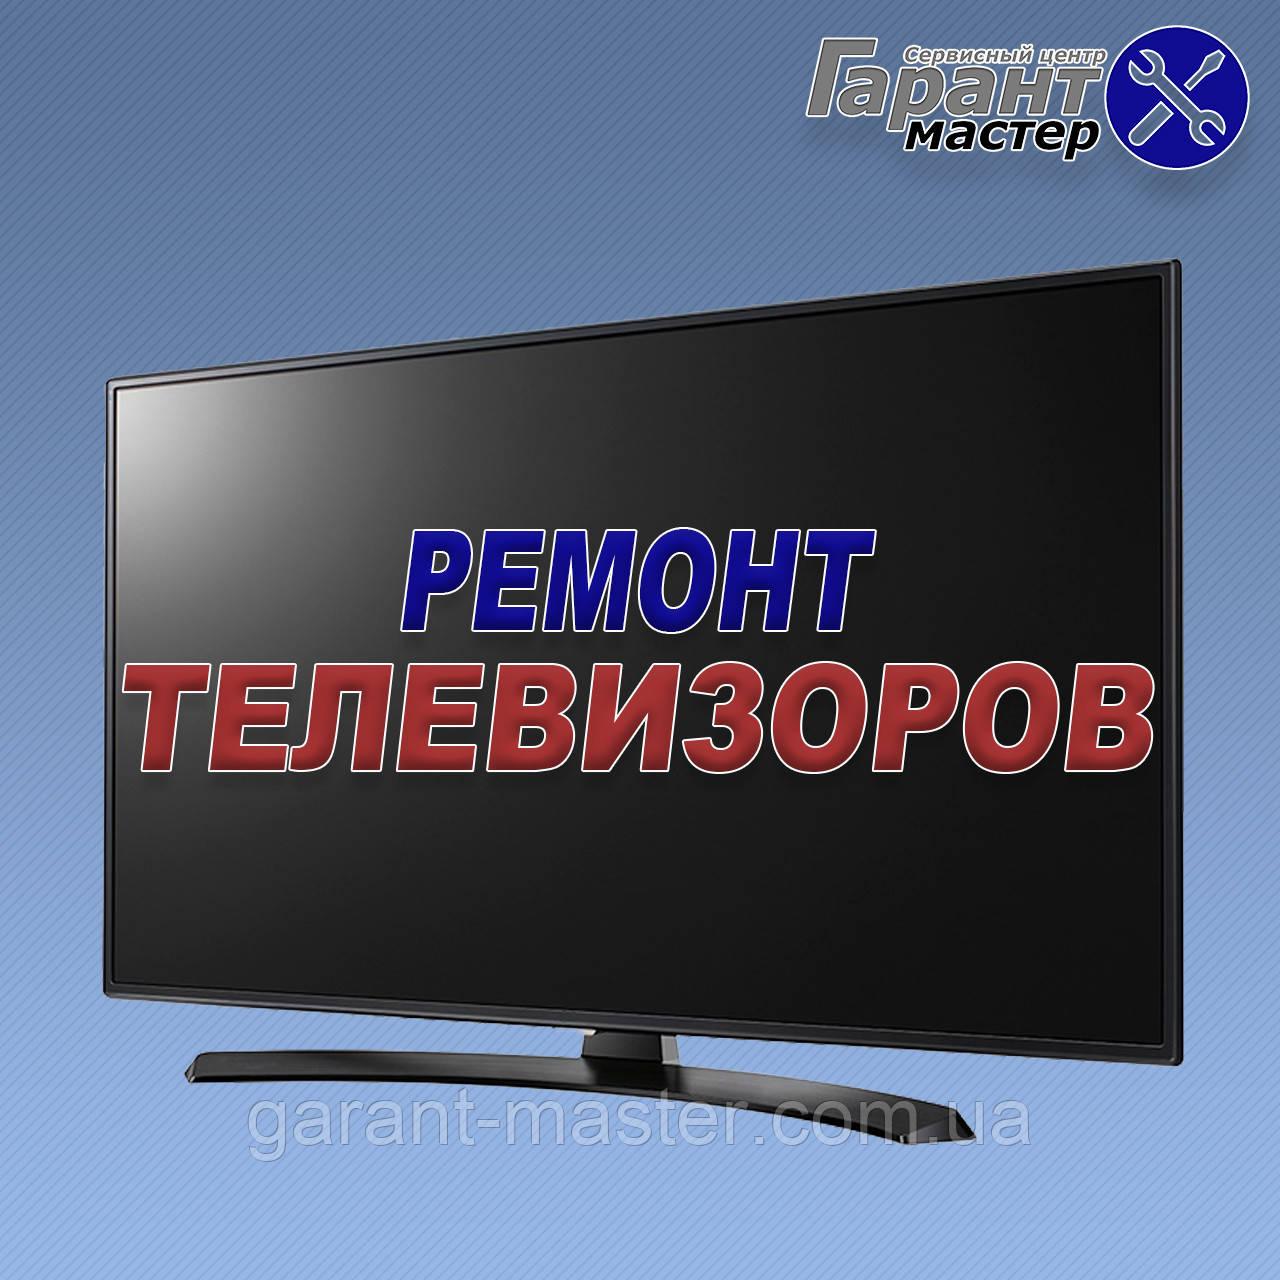 Ремонт телевизоров на дому в Белой Церкви